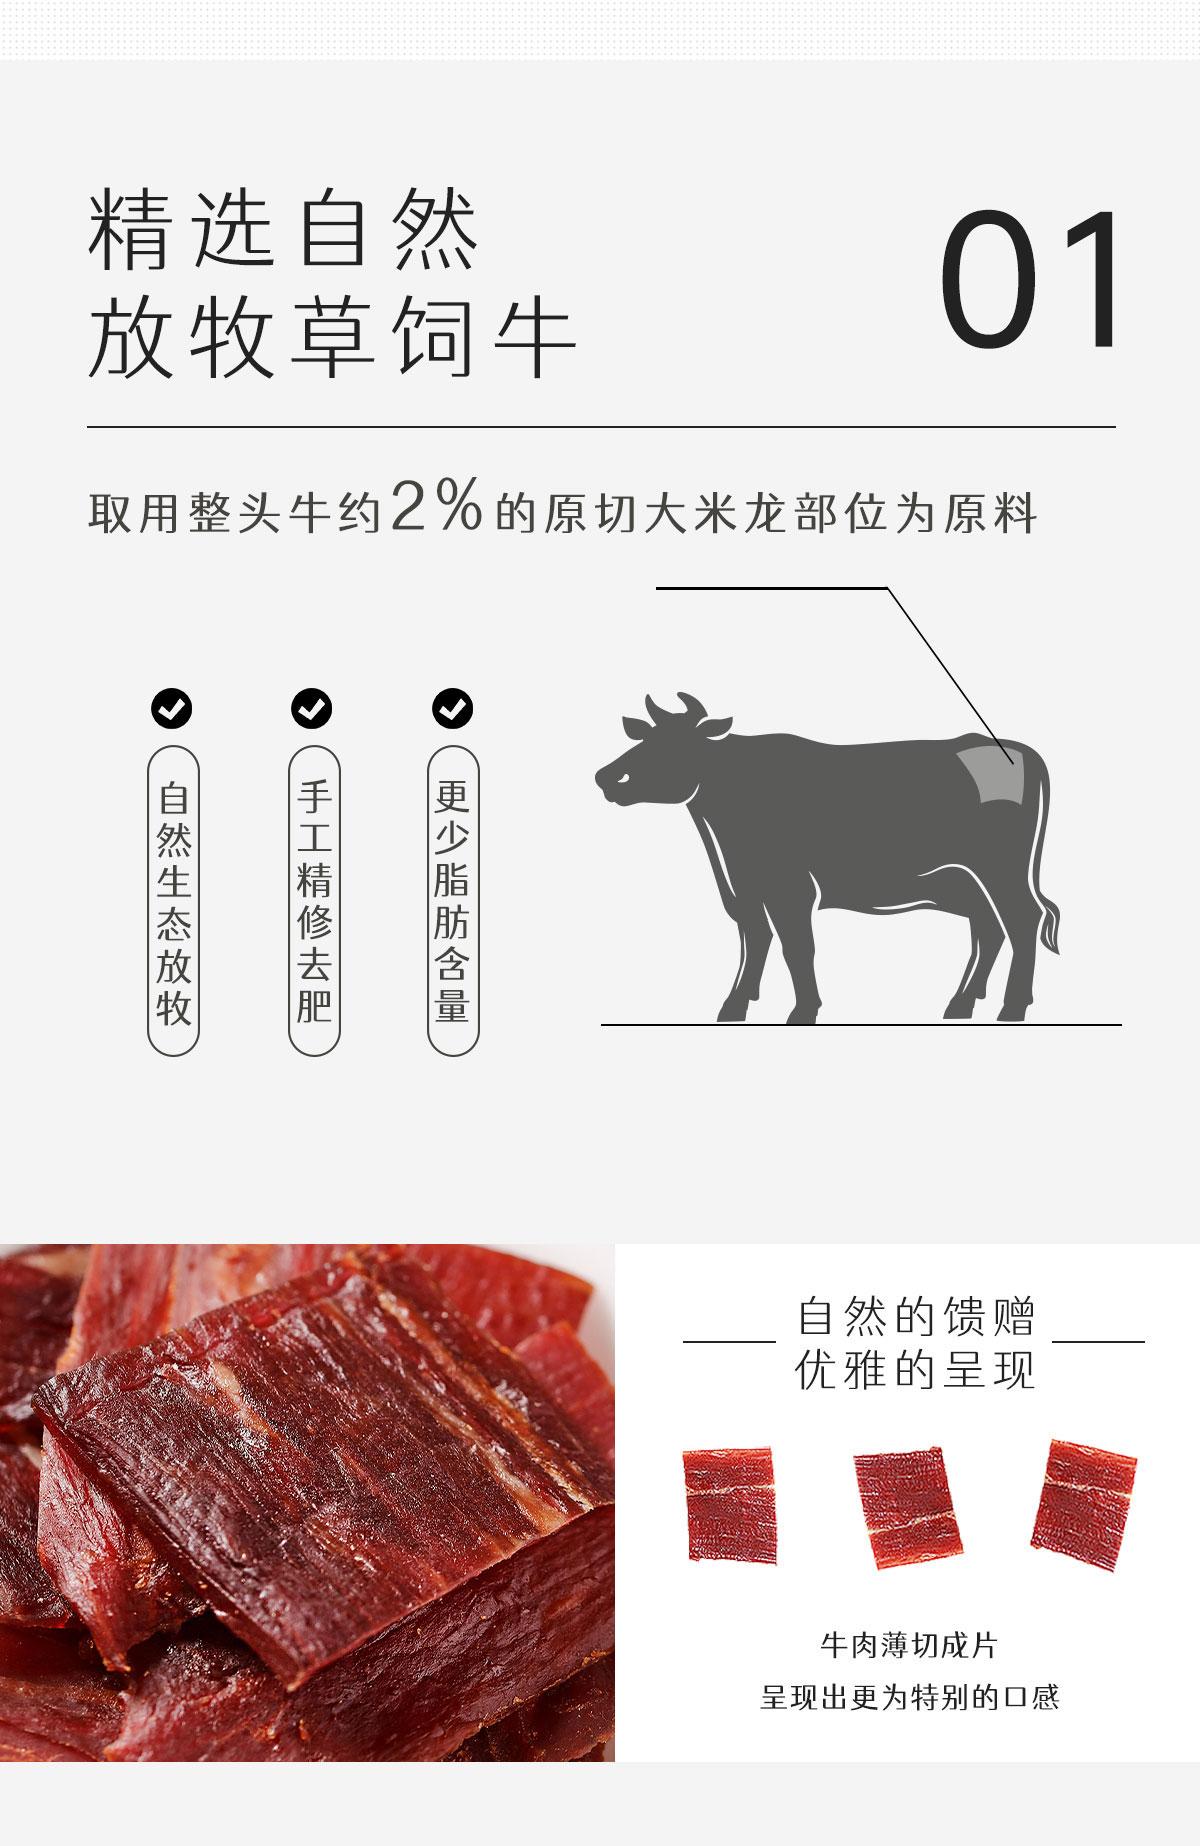 【主播推荐】金牛座的秘密原切牛肉干组合装